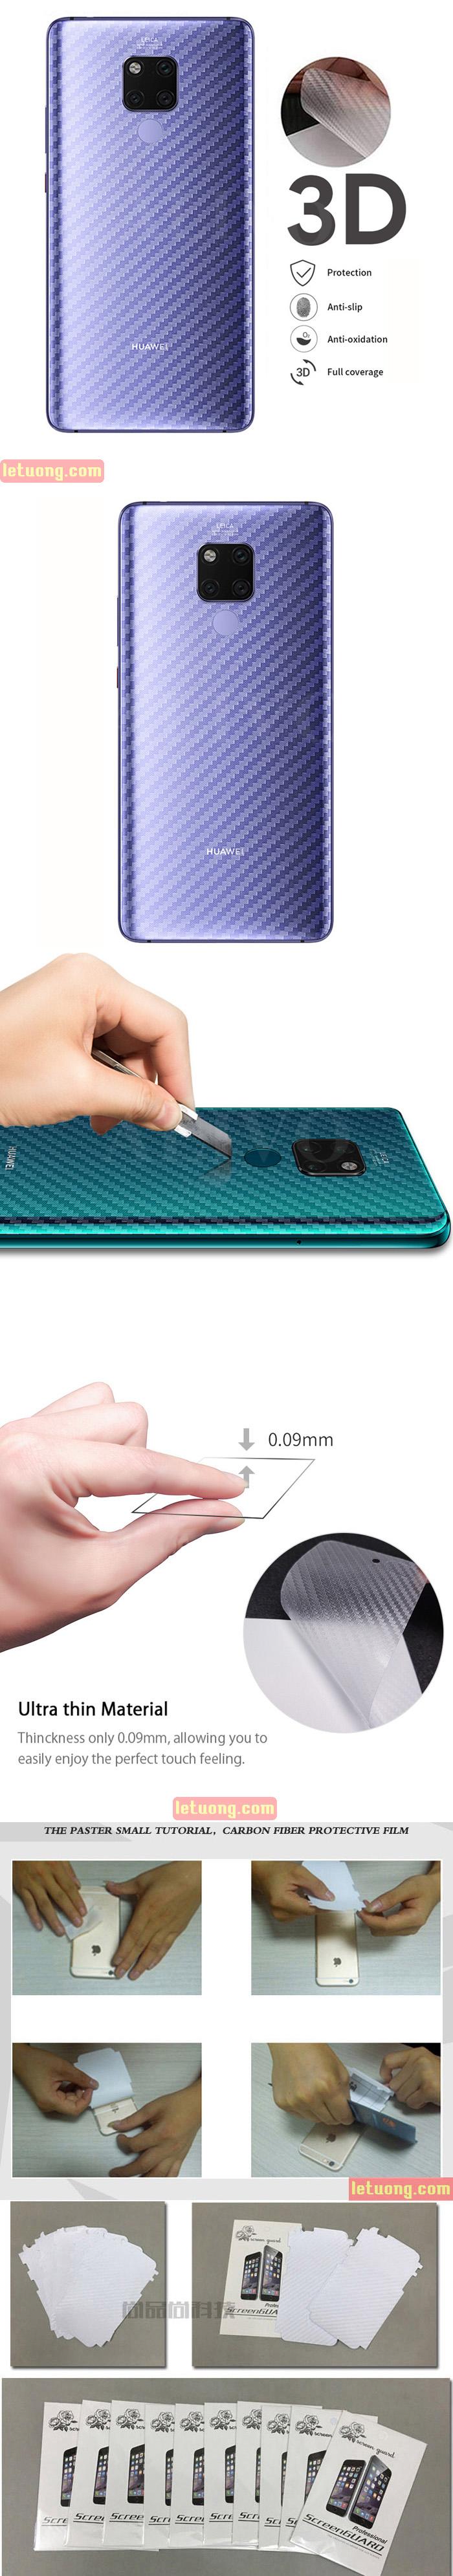 Miếng dán mặt lưng Huawei Mate 20 vân Carbon 3D - chống vân tay 1